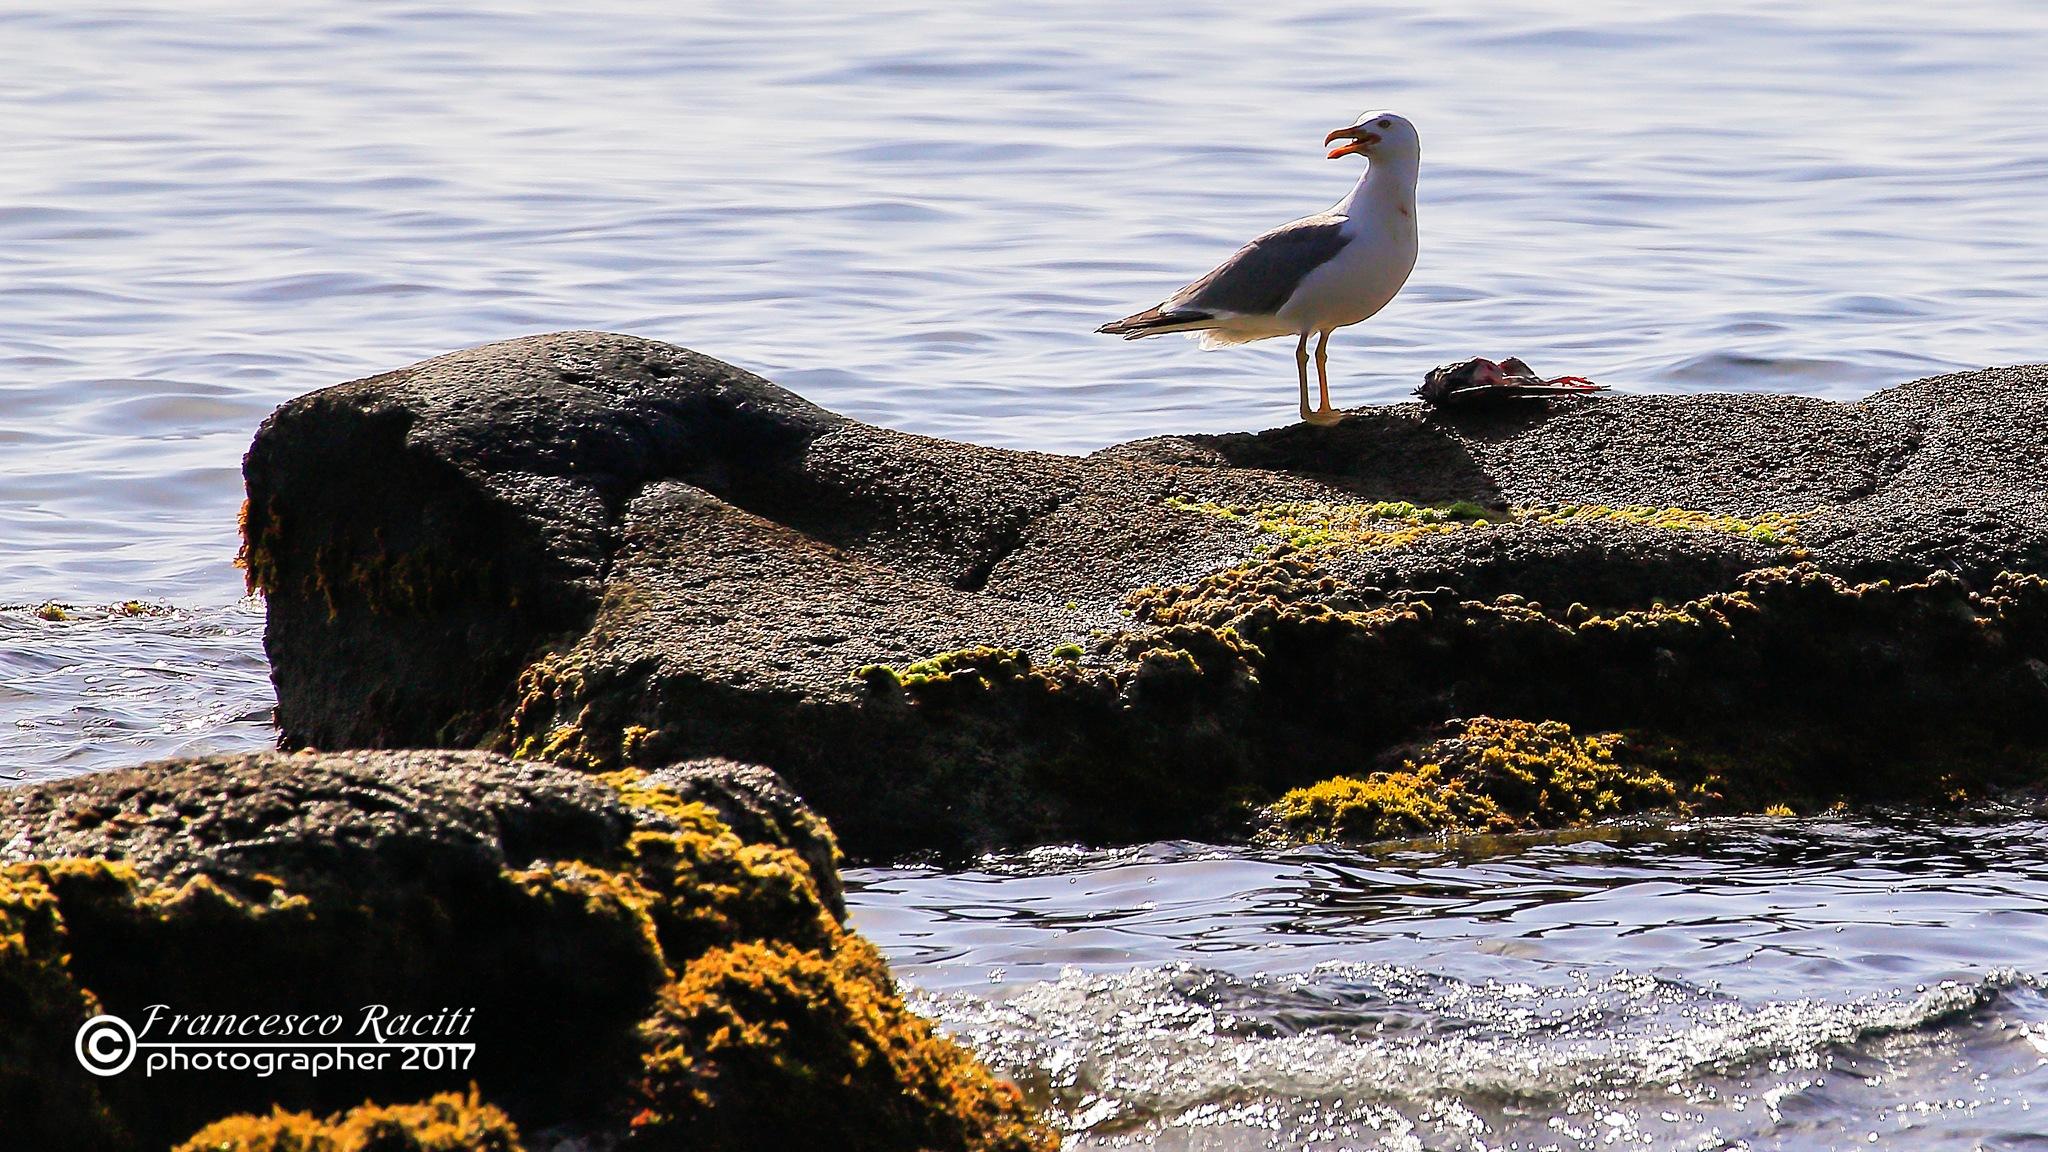 Seagull by Francesco Raciti